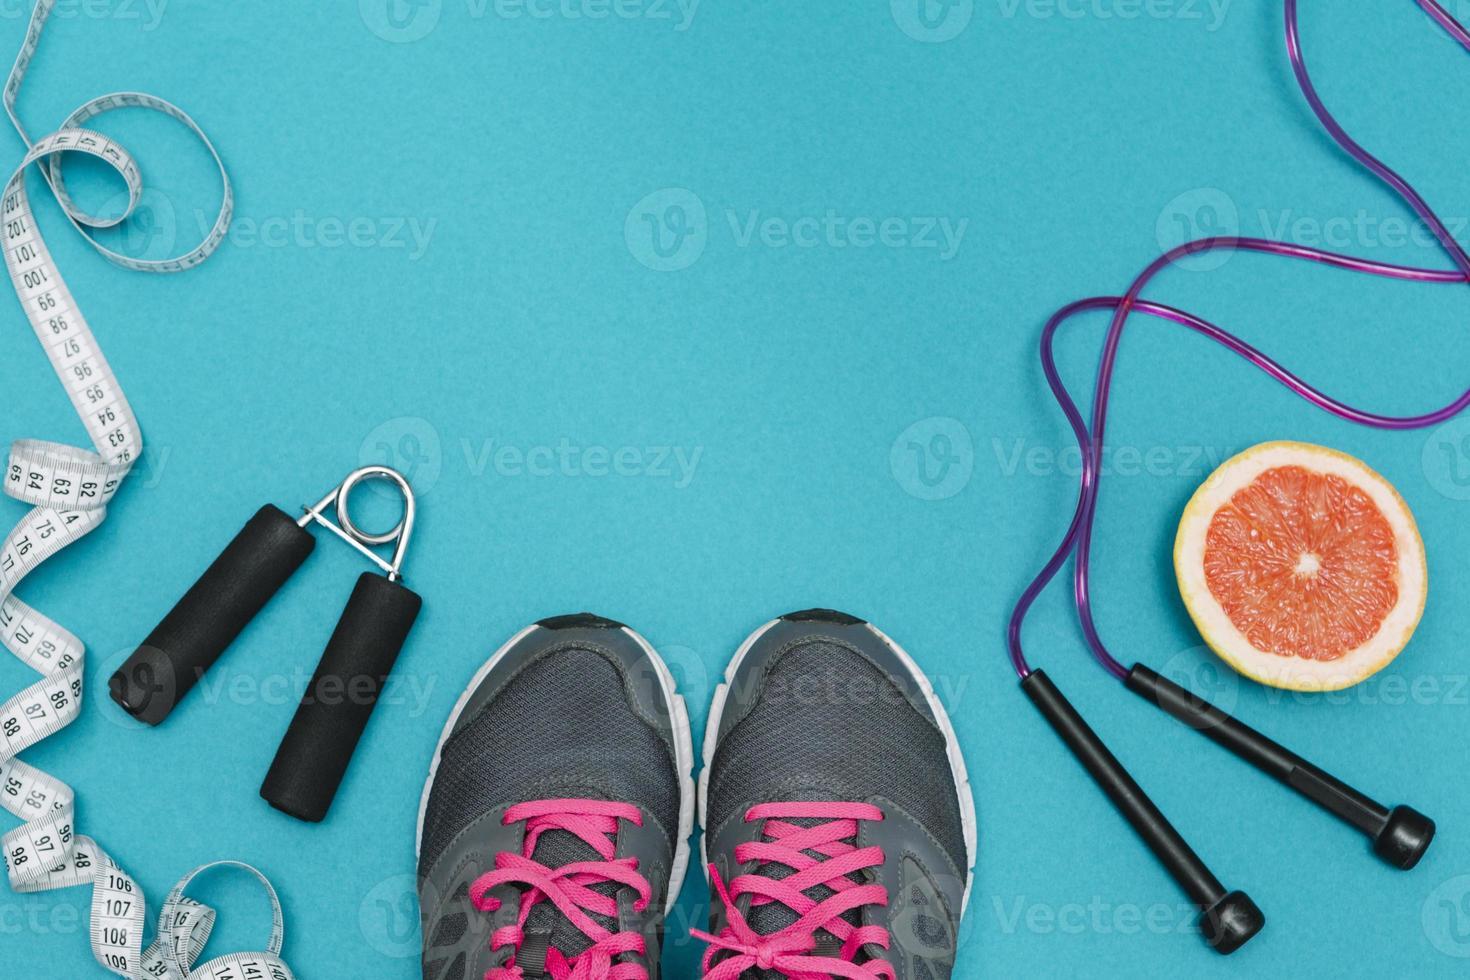 kit esporte para treinamento foto